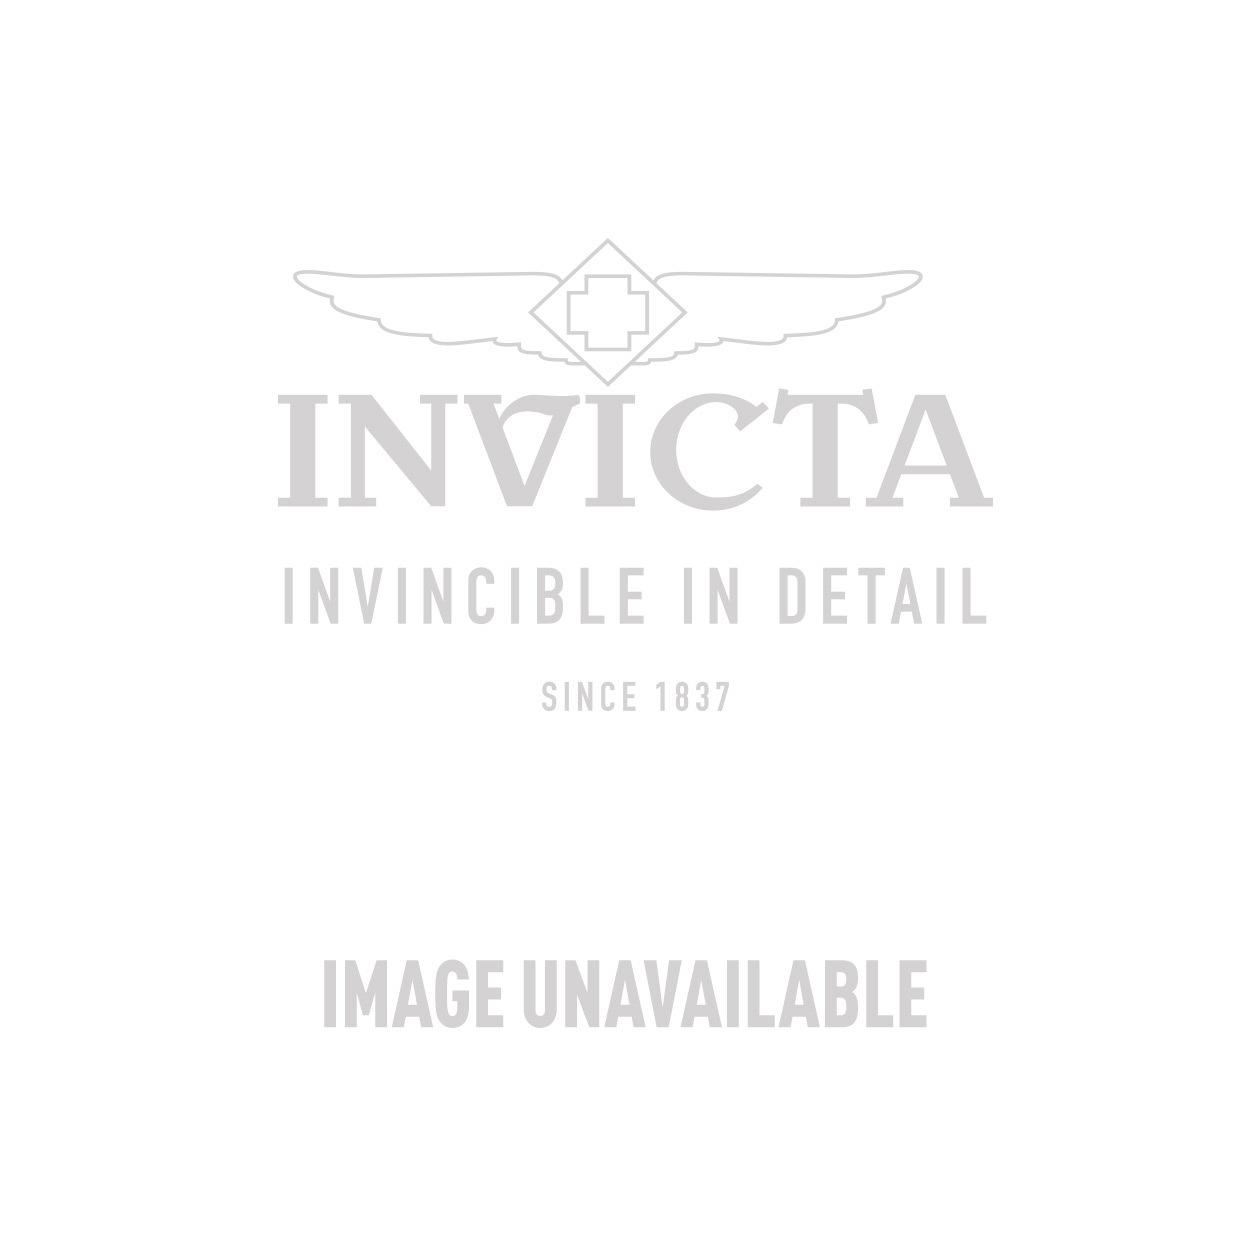 Invicta Model 27825